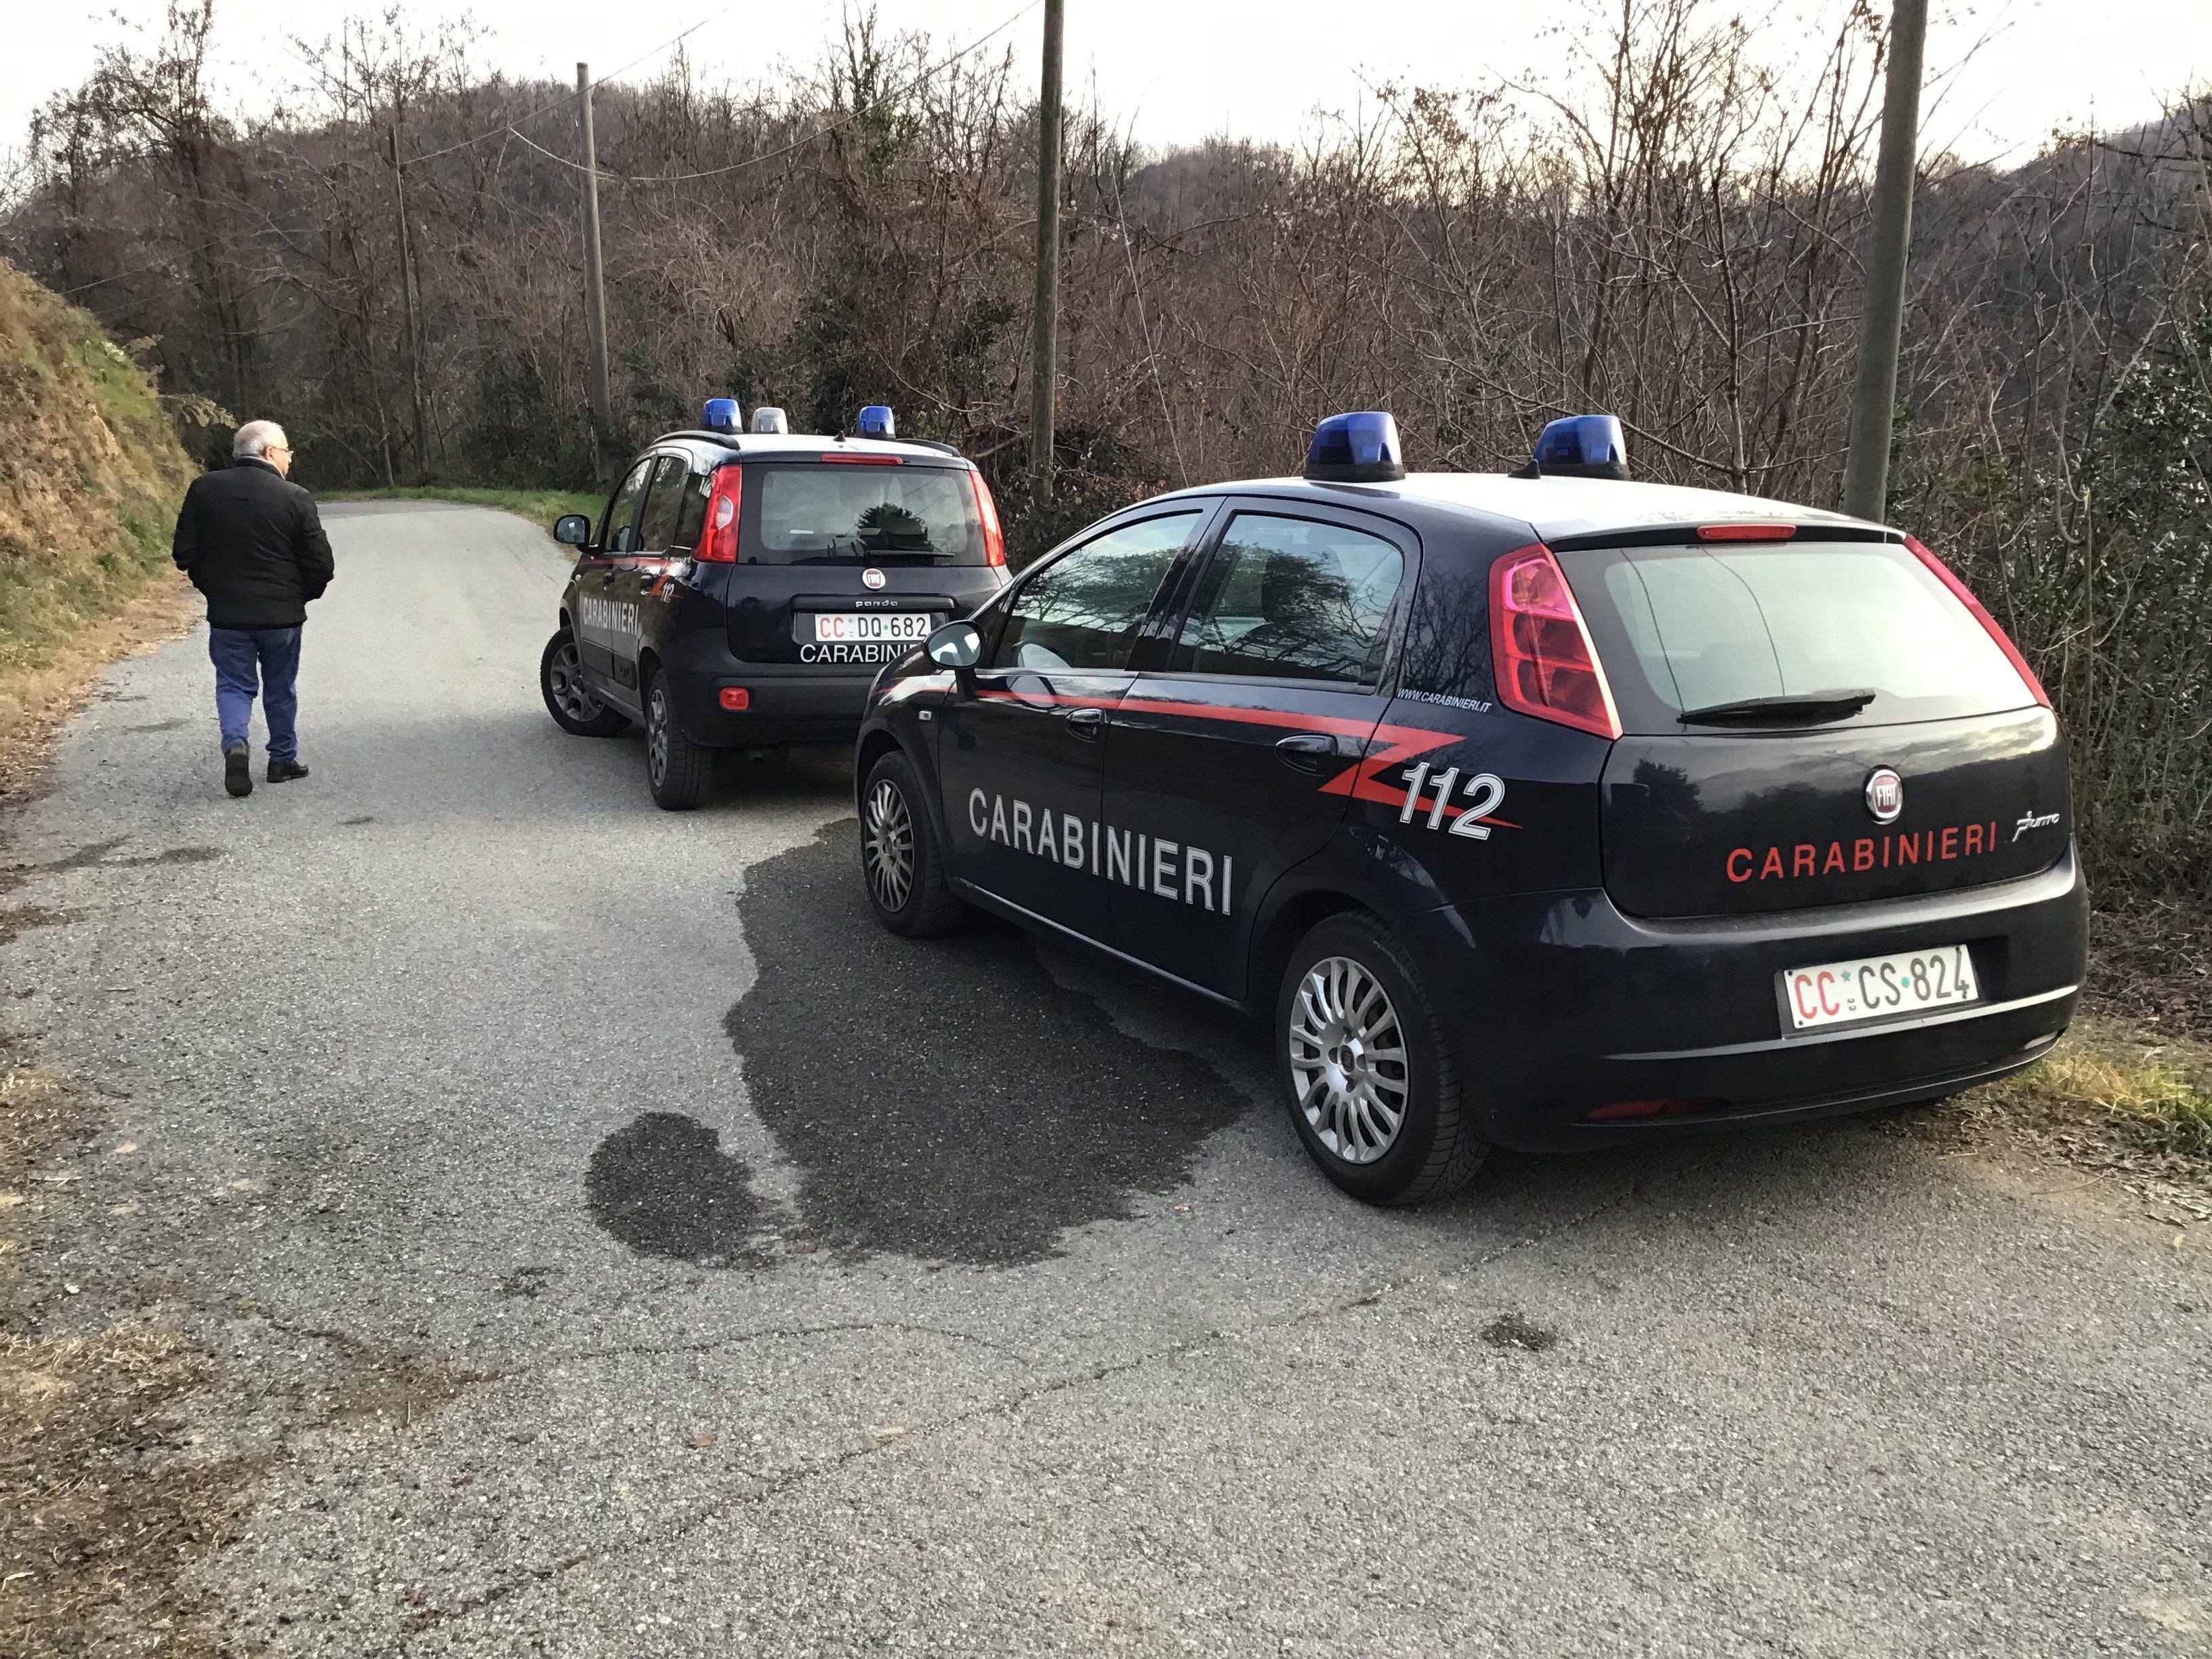 SAMONE - Si barrica in casa con un fucile e minaccia di spararsi: salvato dai carabinieri dopo un'ora di trattative